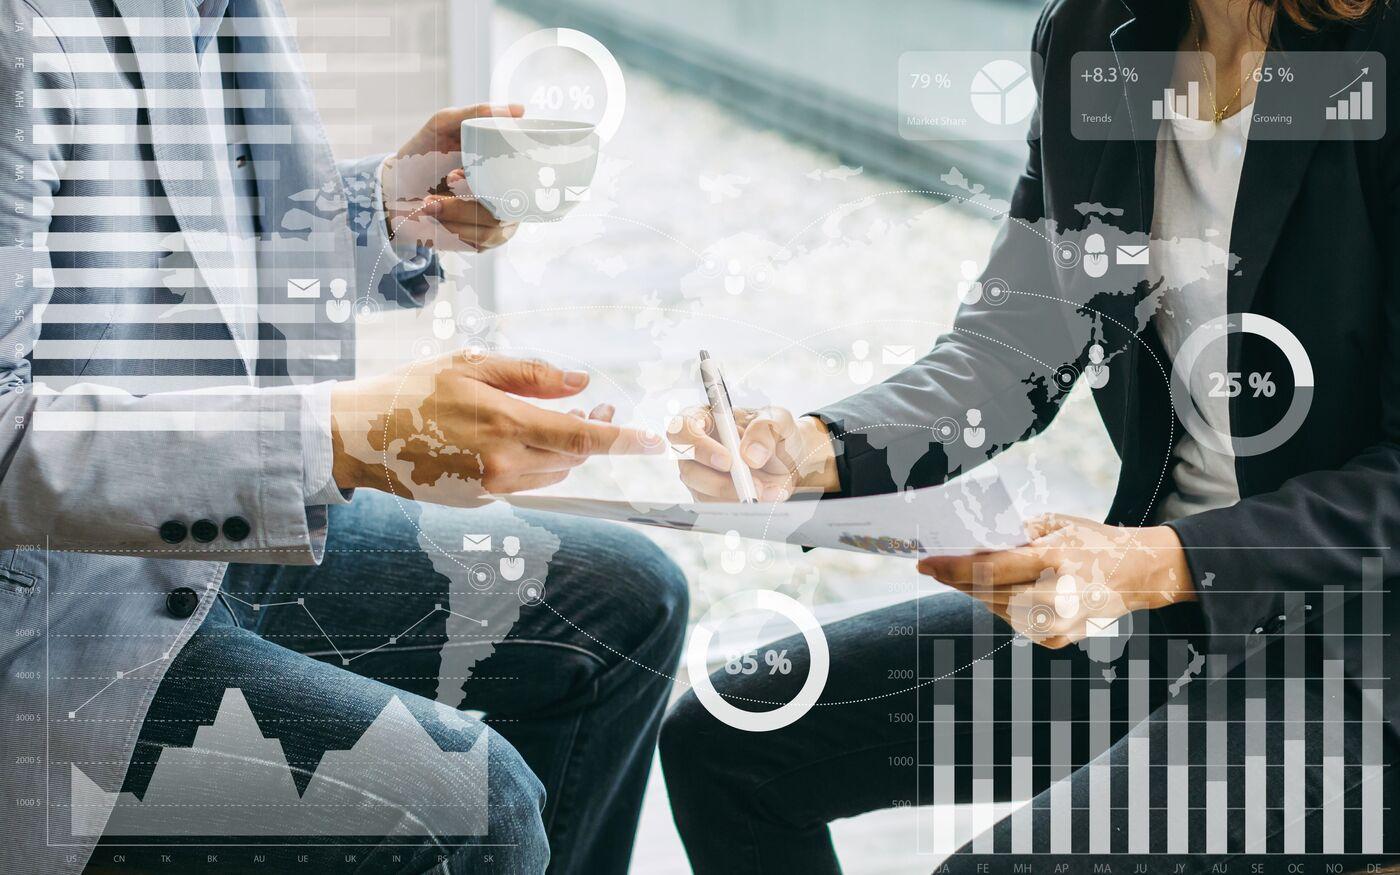 Projektcontroller (m/w/d) - Job Neu-Isenburg - Karriere bei EXCON Services GmbH - Post offer form